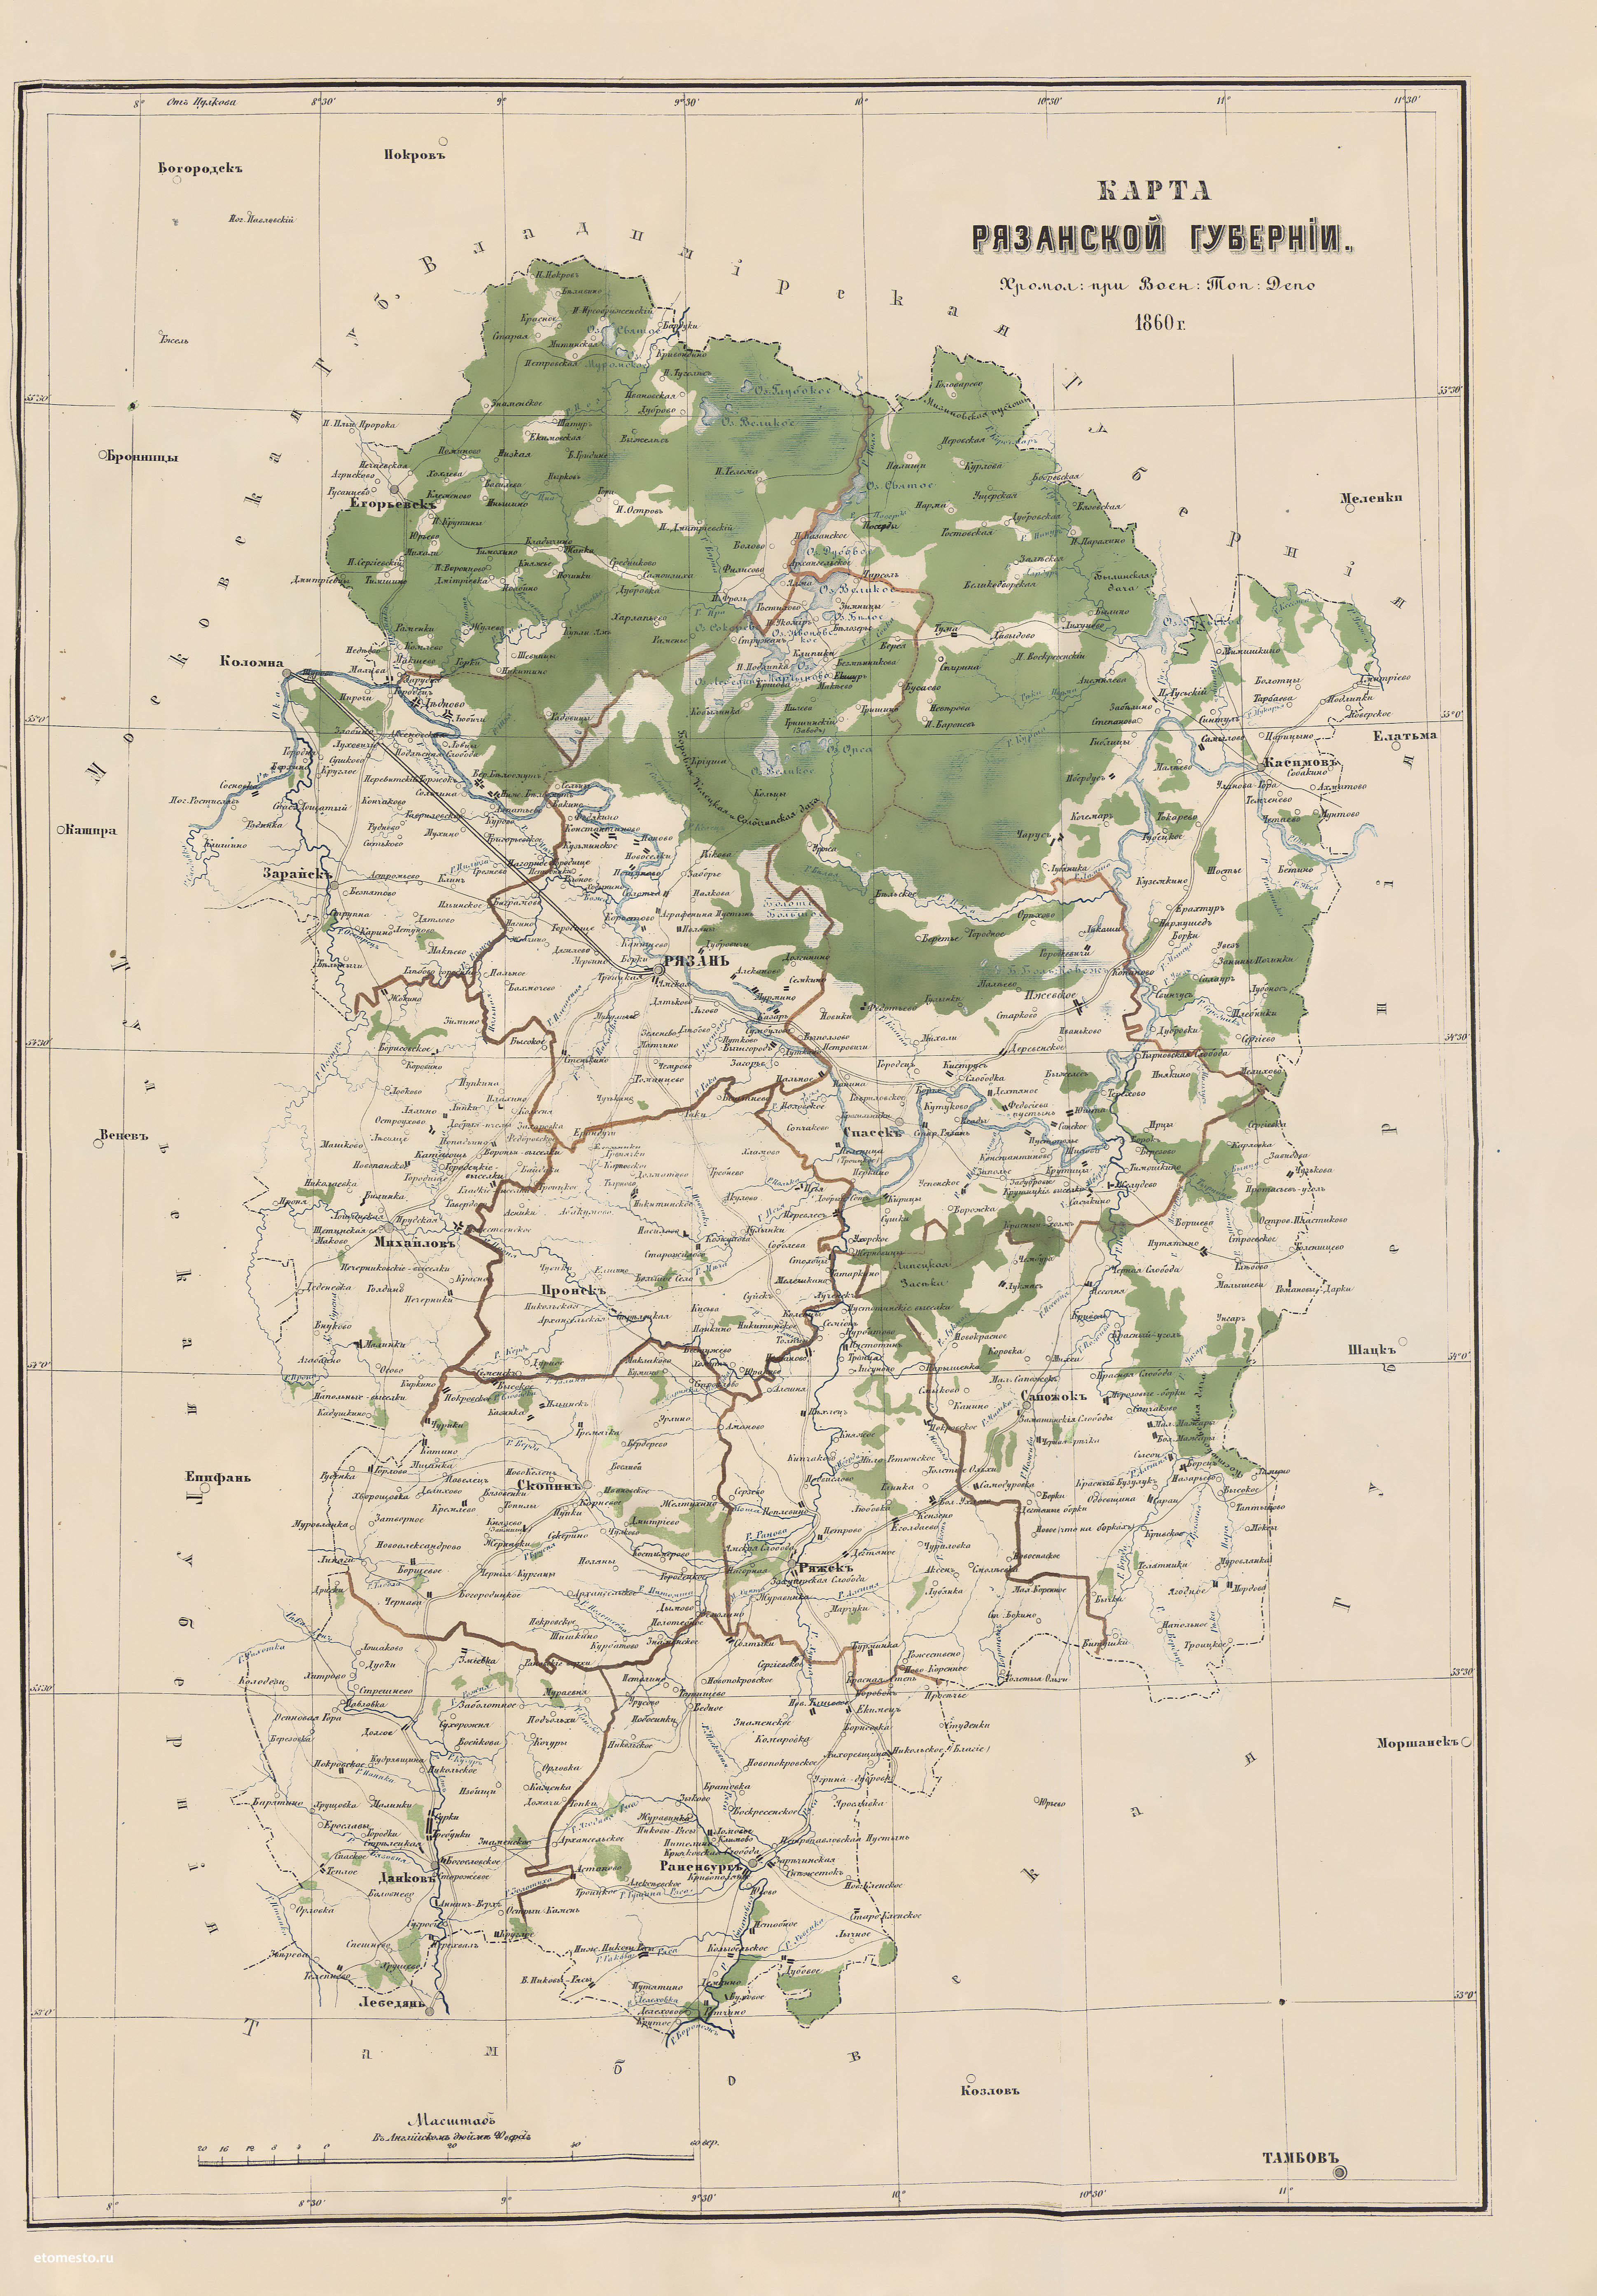 дома стиле карта рязанской губернии 18 века ушла девушка другому